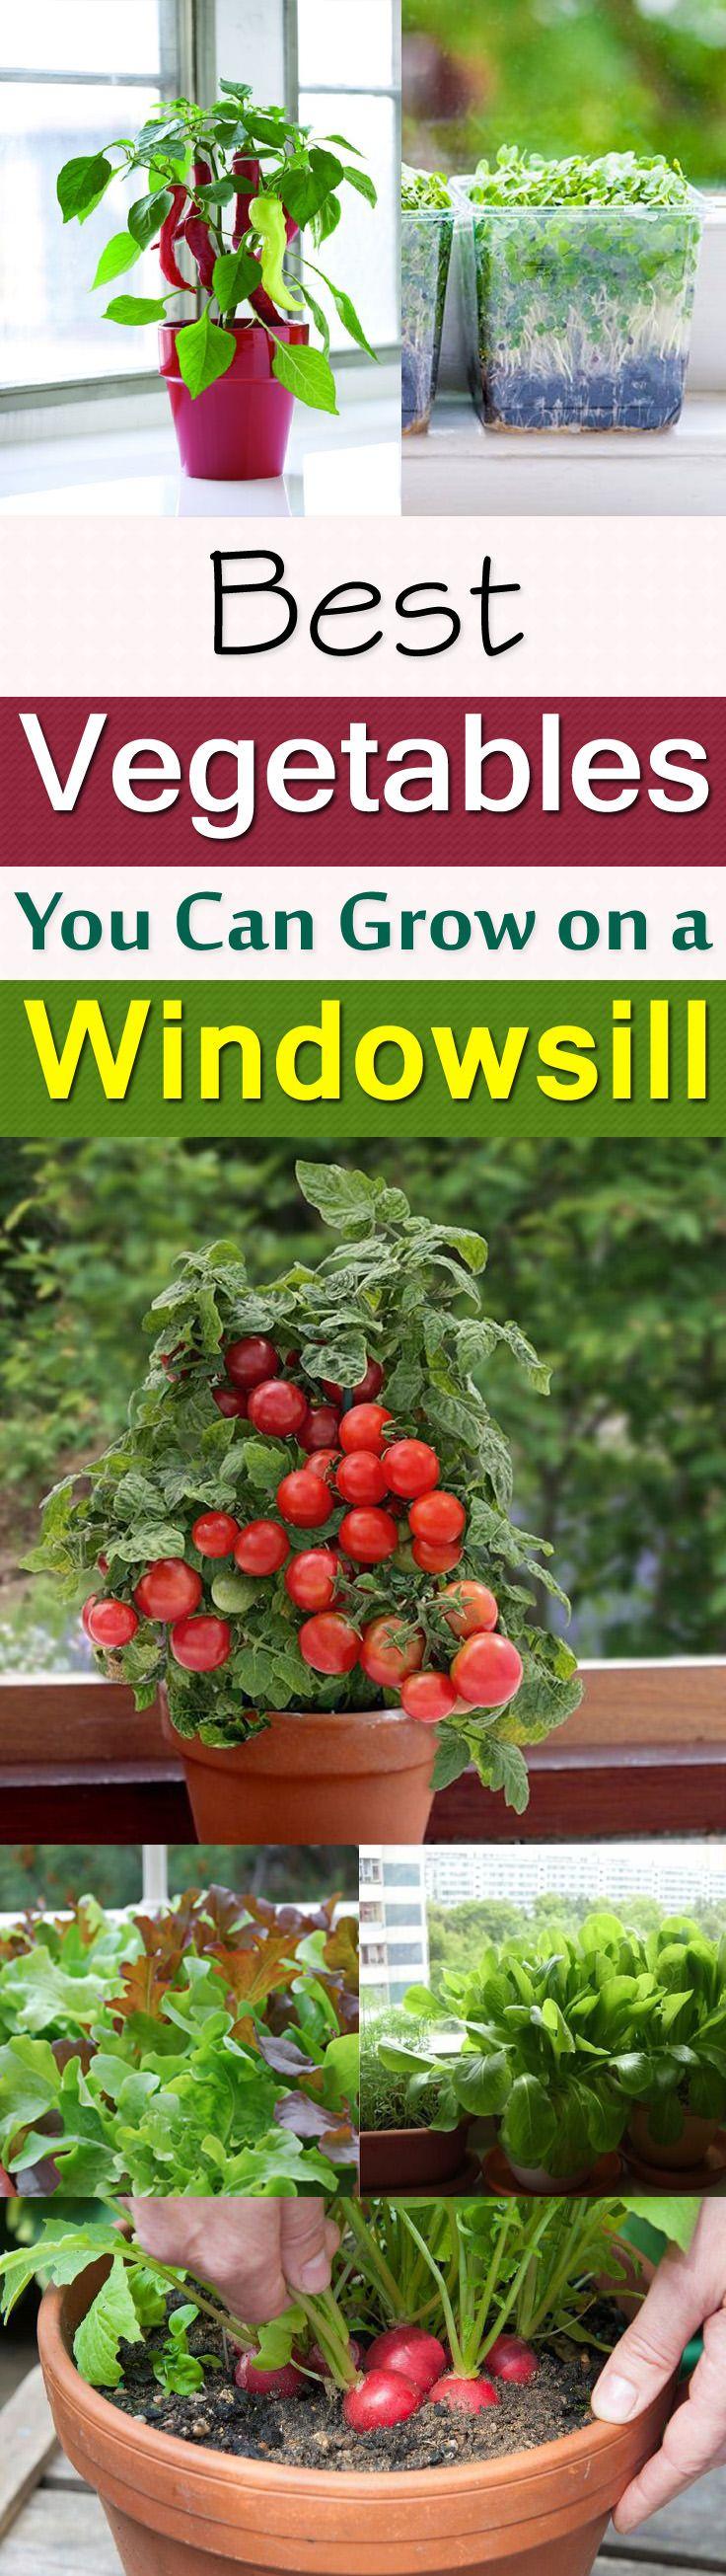 11 Best Vegetables To Grow On Windowsill Indoor 400 x 300